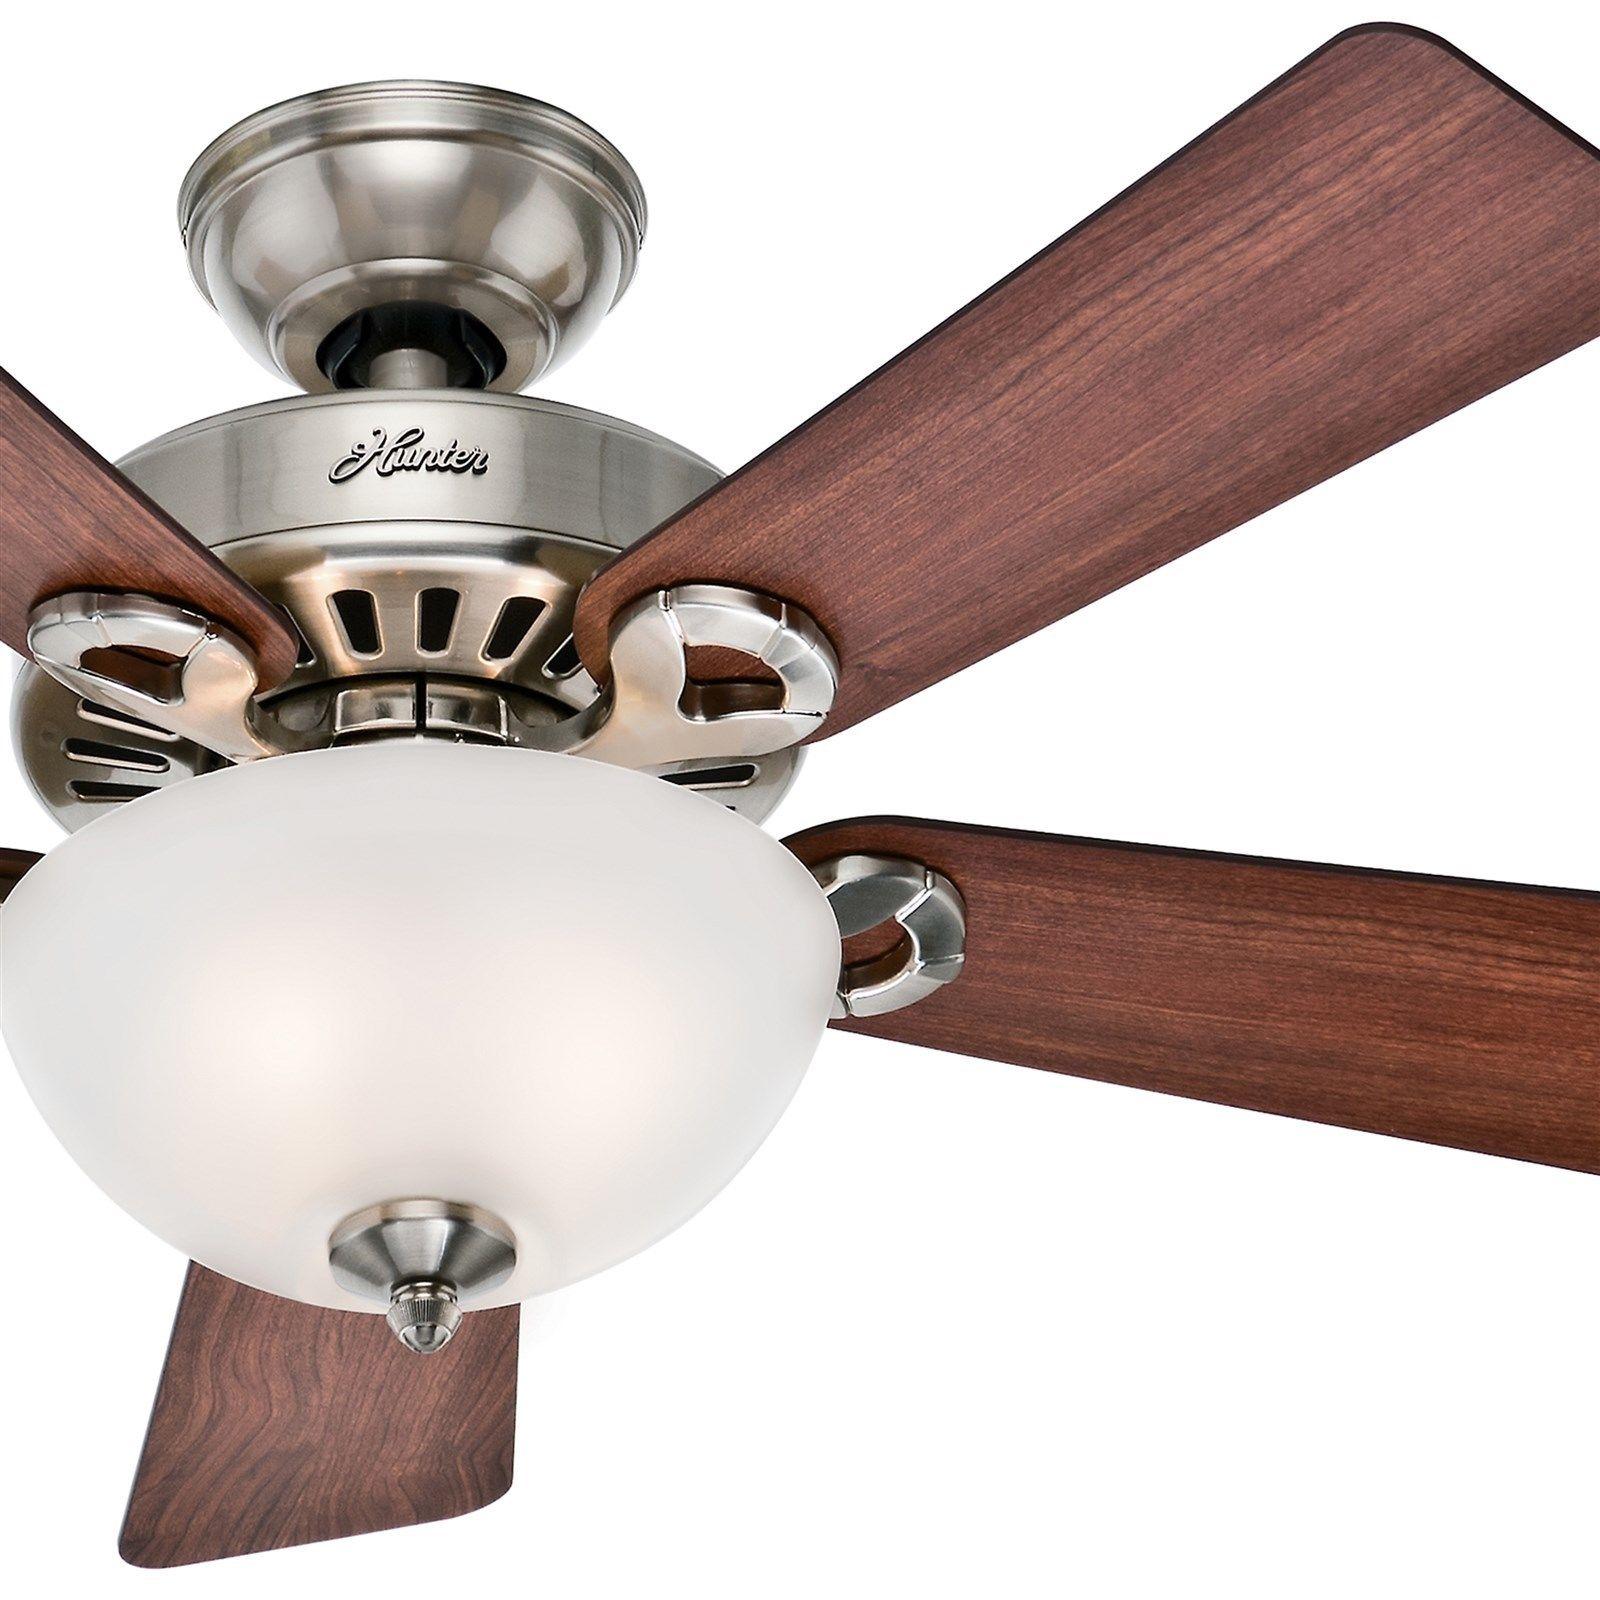 欧美代购 照明风扇 44猎人吊扇拉丝镍装入白色卧室客厅风扇灯装饰